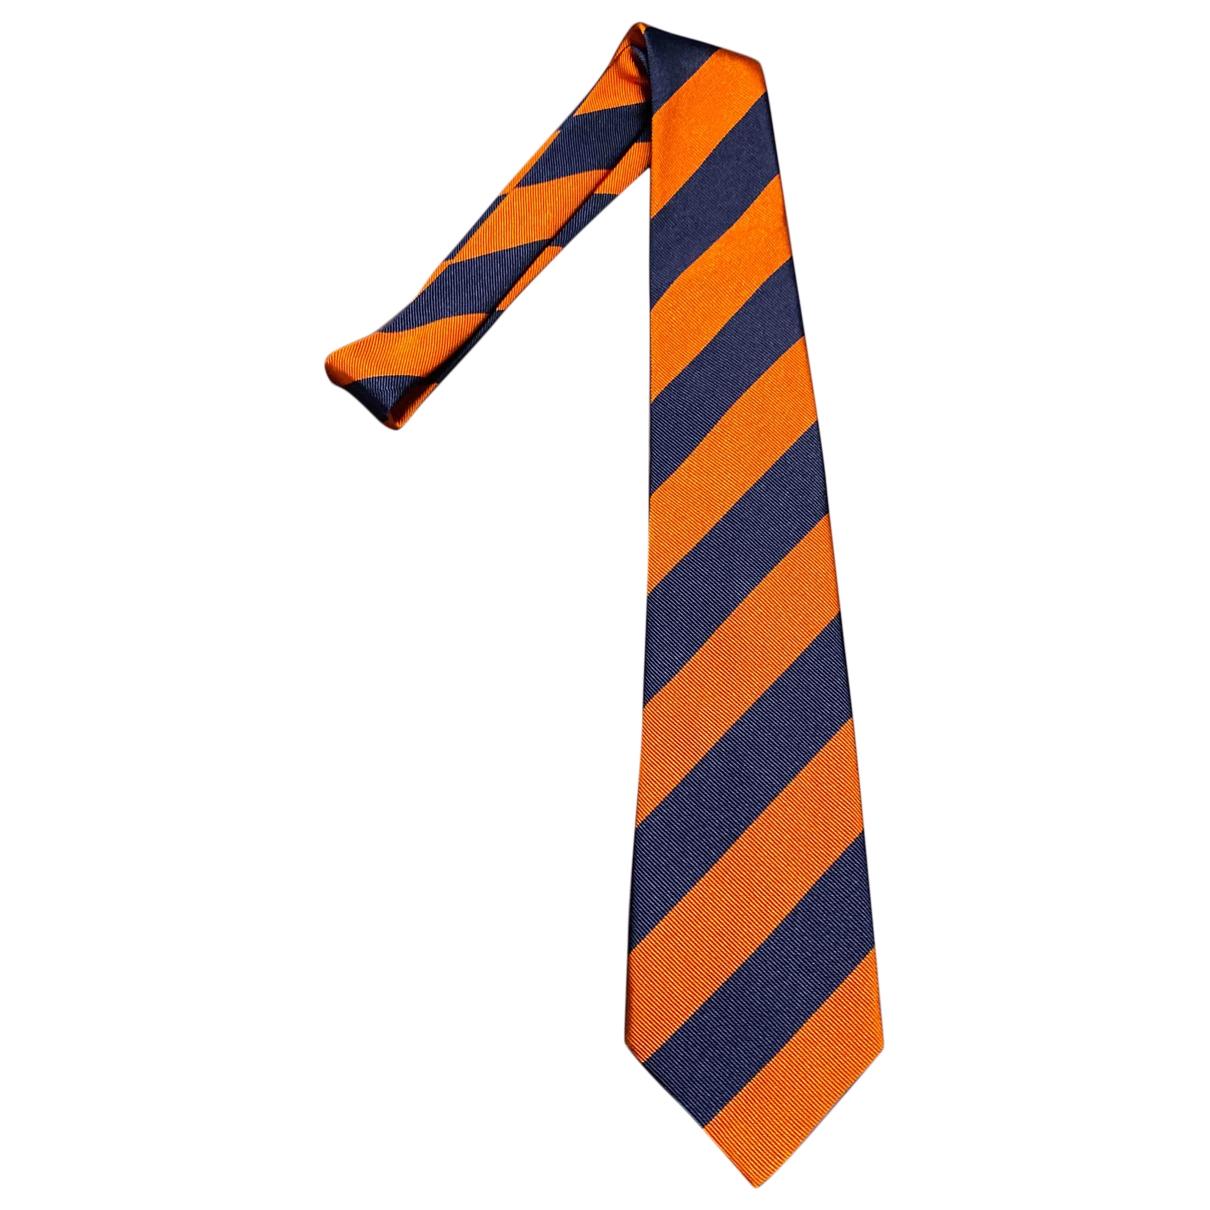 Turnbull & Asser - Cravates   pour homme en soie